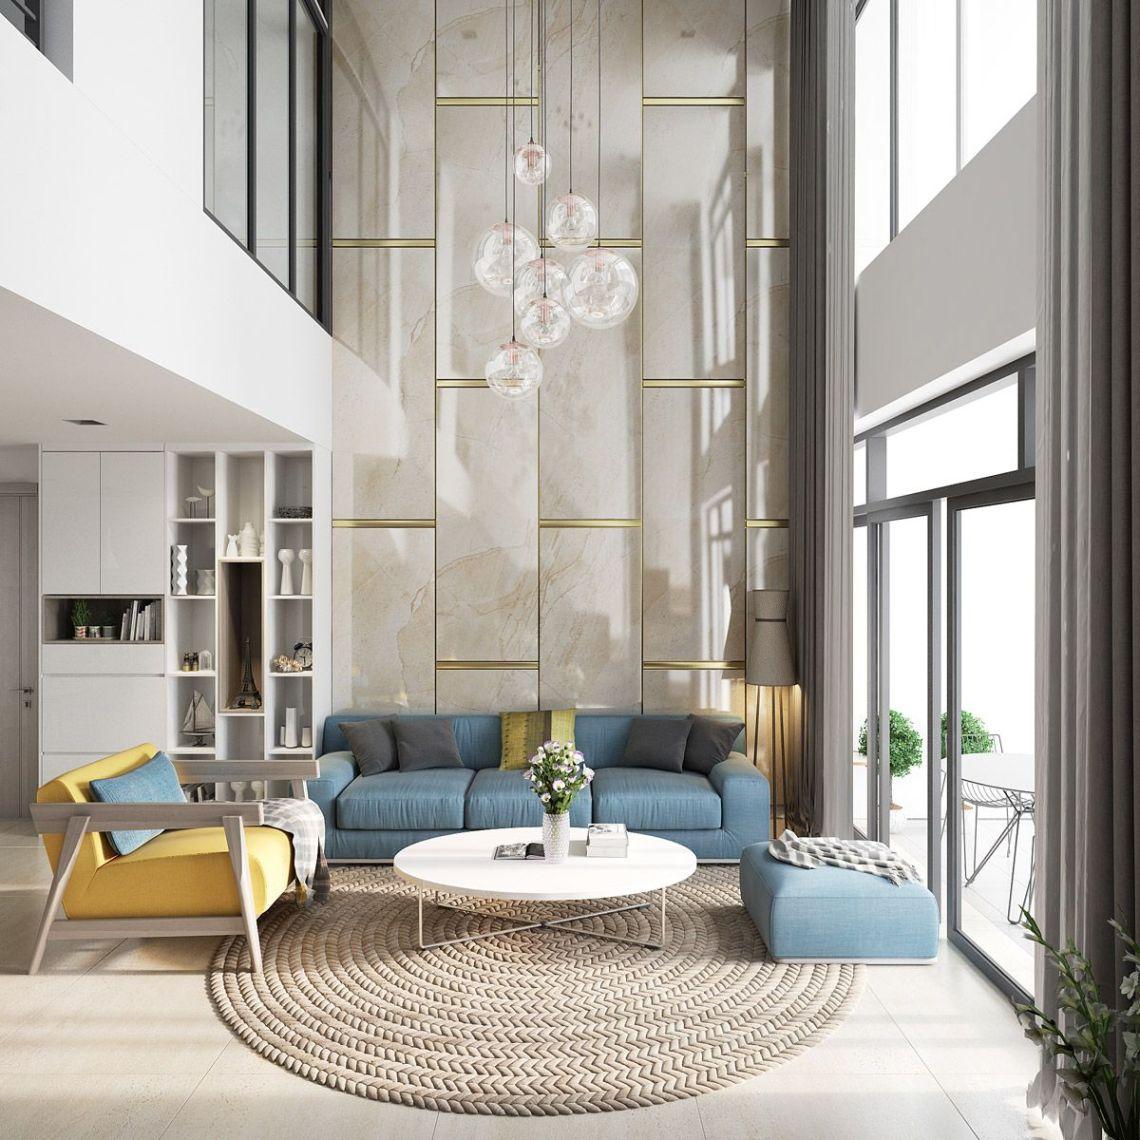 Traditional Minimalist Living Room